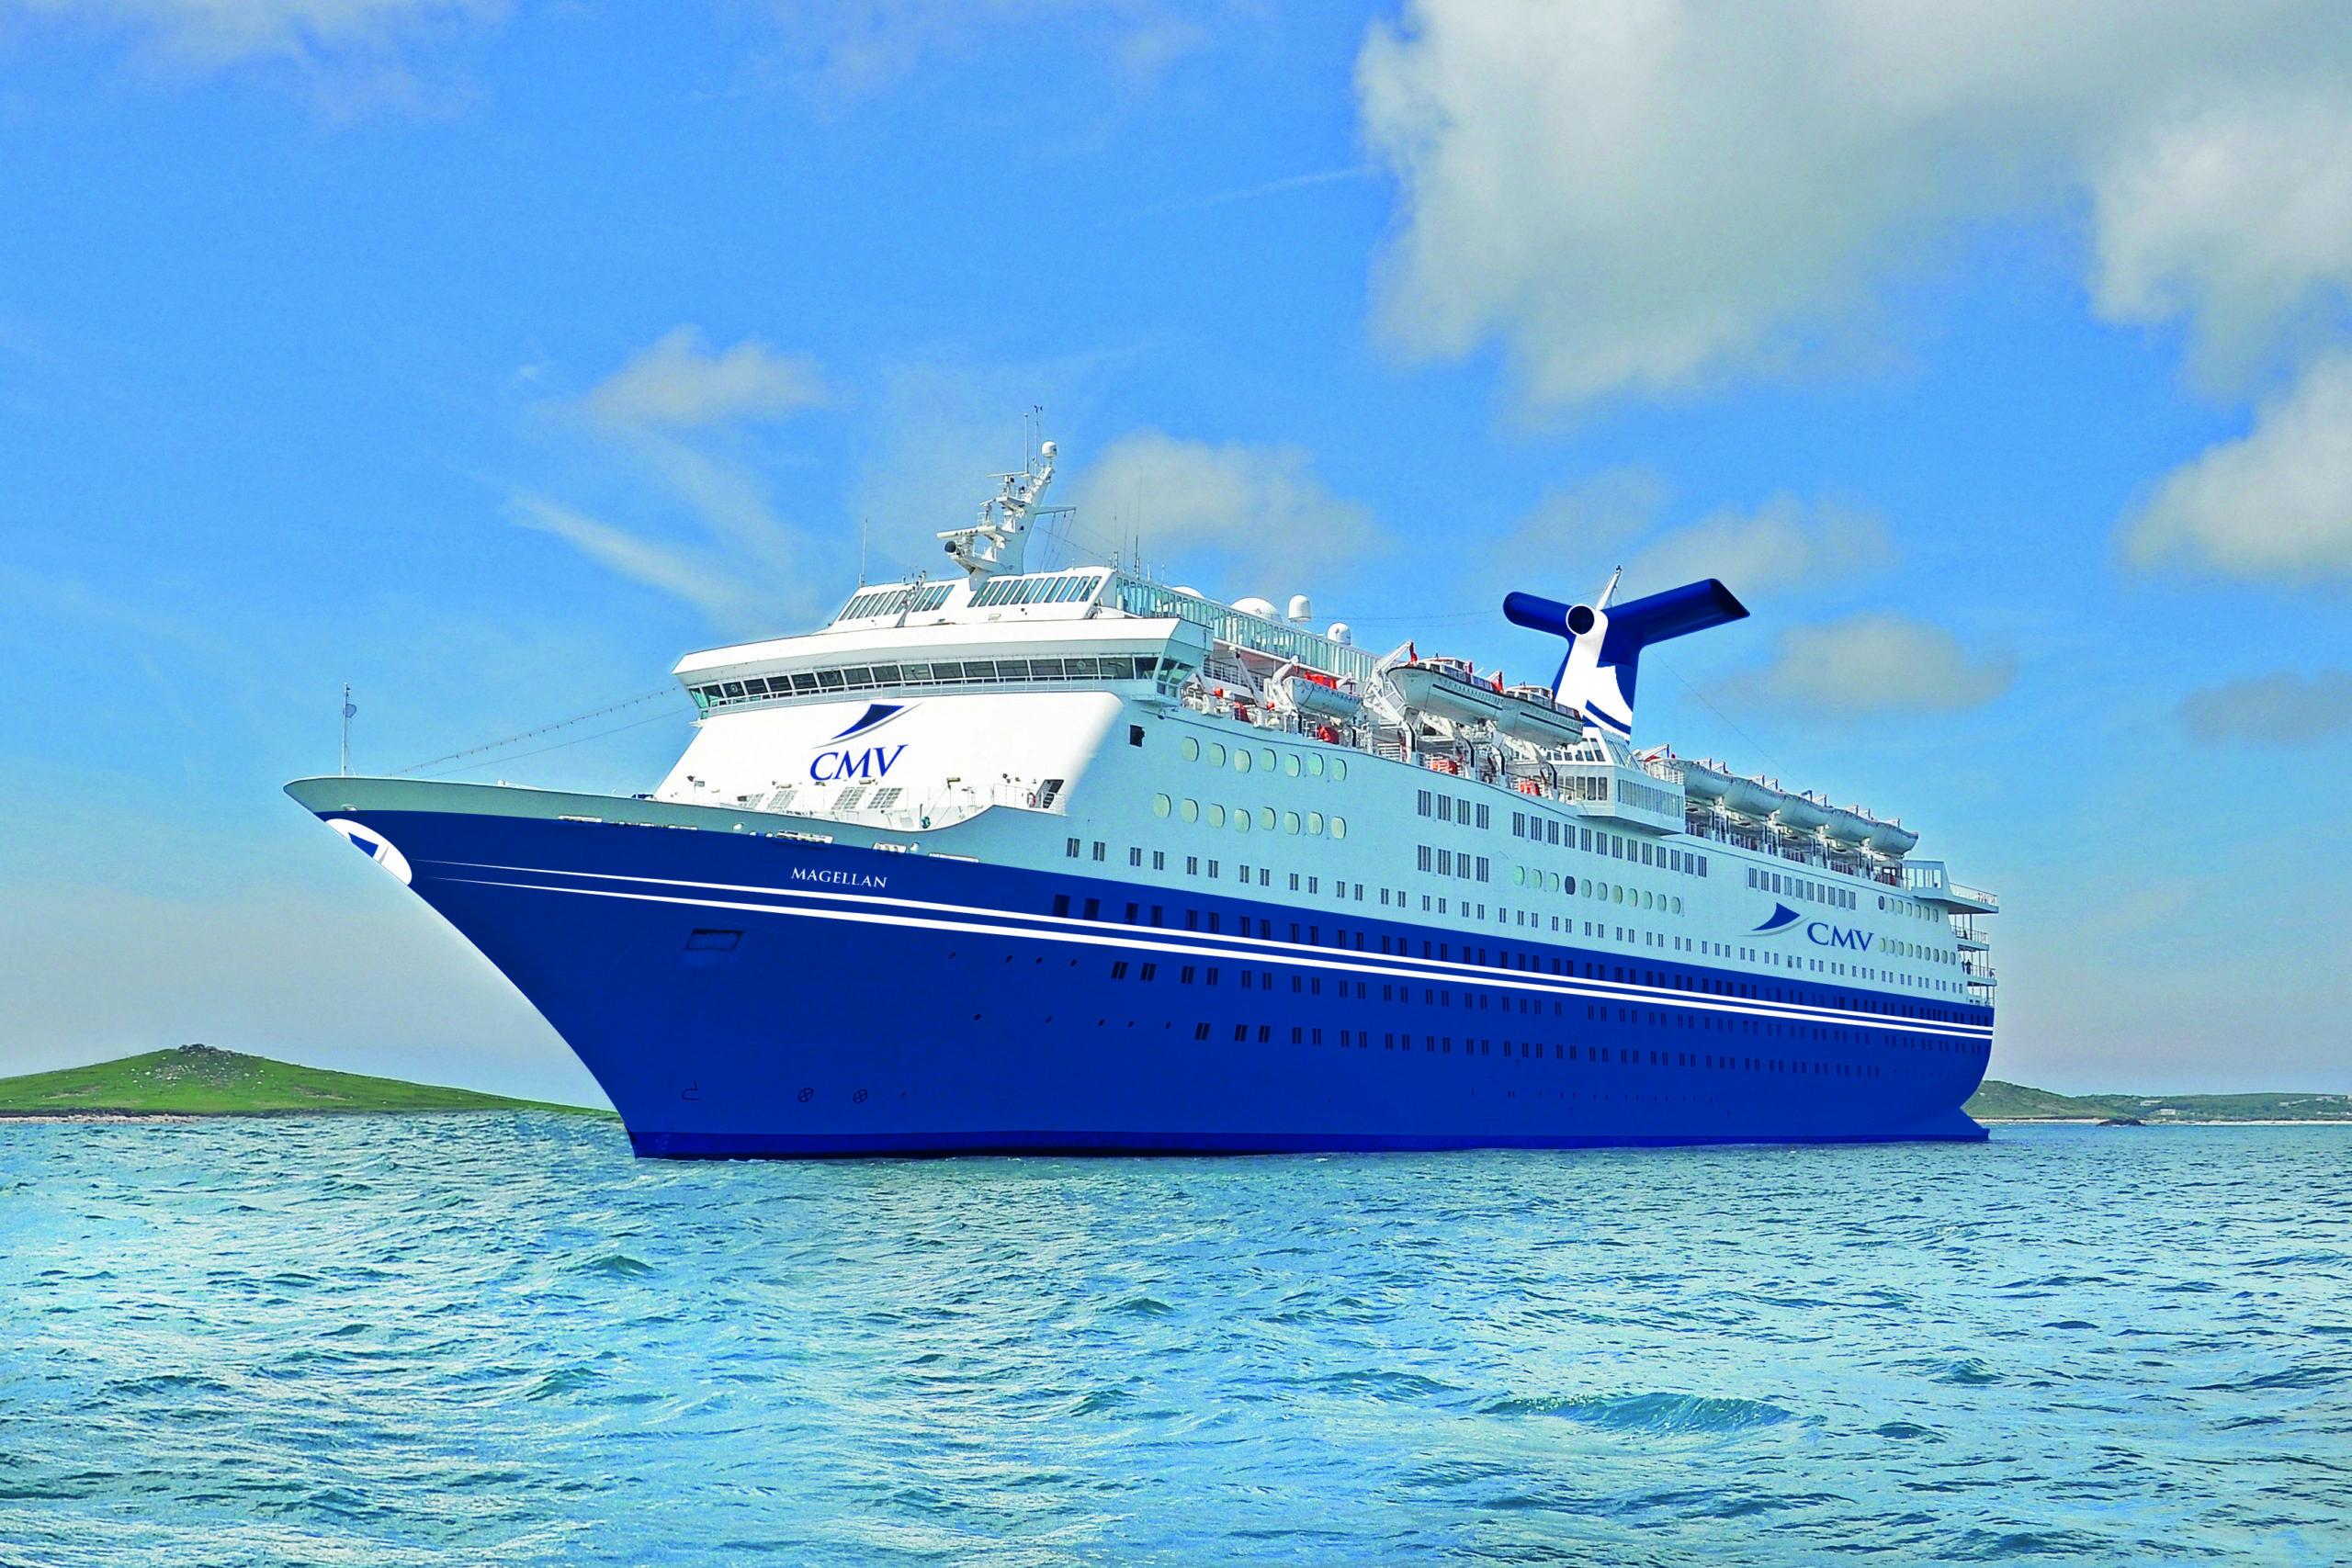 CMV's cruise ship Magellan